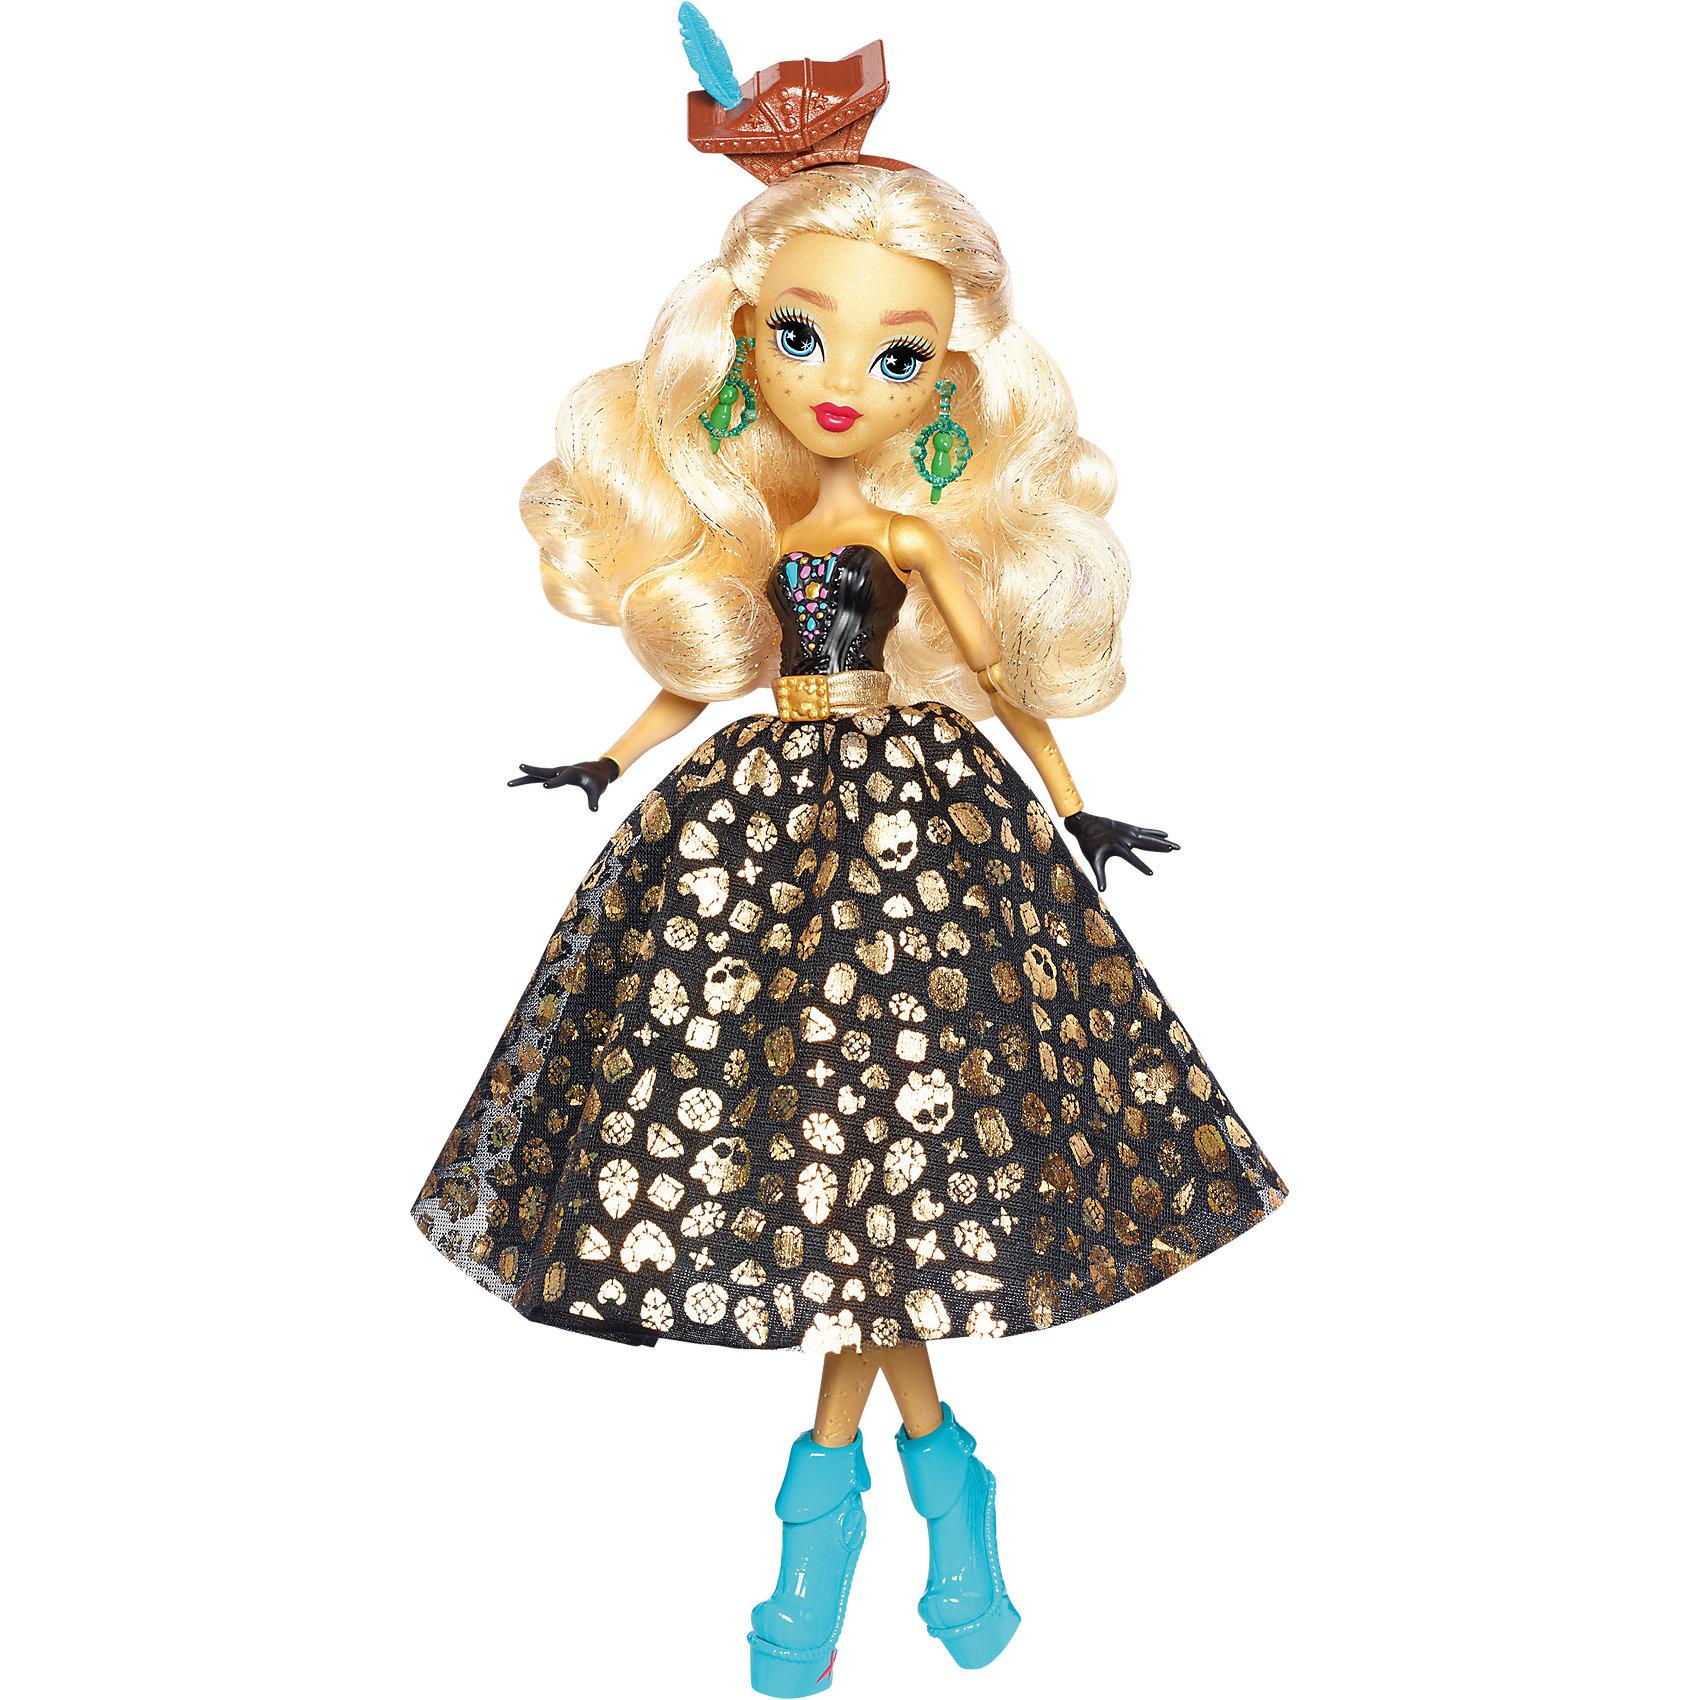 Кукла Дана Джонс из серии Пиратская авантюра, Monster HighMonster High<br>Дане Джонс, дочери легендарного пирата на этот раз предстоит найти выход с необитаемого острова после кораблекрушения. И, конечно же, не обойдется без поиска сокровищ! Ребенок по достоинству сможет оценить уникальный наряд куклы. Синяя юбка с картой сокровищ легким движением руки превращается в черную юбку с блестящими черепами. А в подошве и в шляпке-сундучке вы найдете золотые монеты.<br>Дополнительная информация:<br>Материал: пластик<br>Требуется подставка<br>Куклу Дана Джонс(Monster High) можно купить в нашем интернет-магазине.<br><br>Ширина мм: 329<br>Глубина мм: 203<br>Высота мм: 66<br>Вес г: 247<br>Возраст от месяцев: 72<br>Возраст до месяцев: 120<br>Пол: Женский<br>Возраст: Детский<br>SKU: 4765363